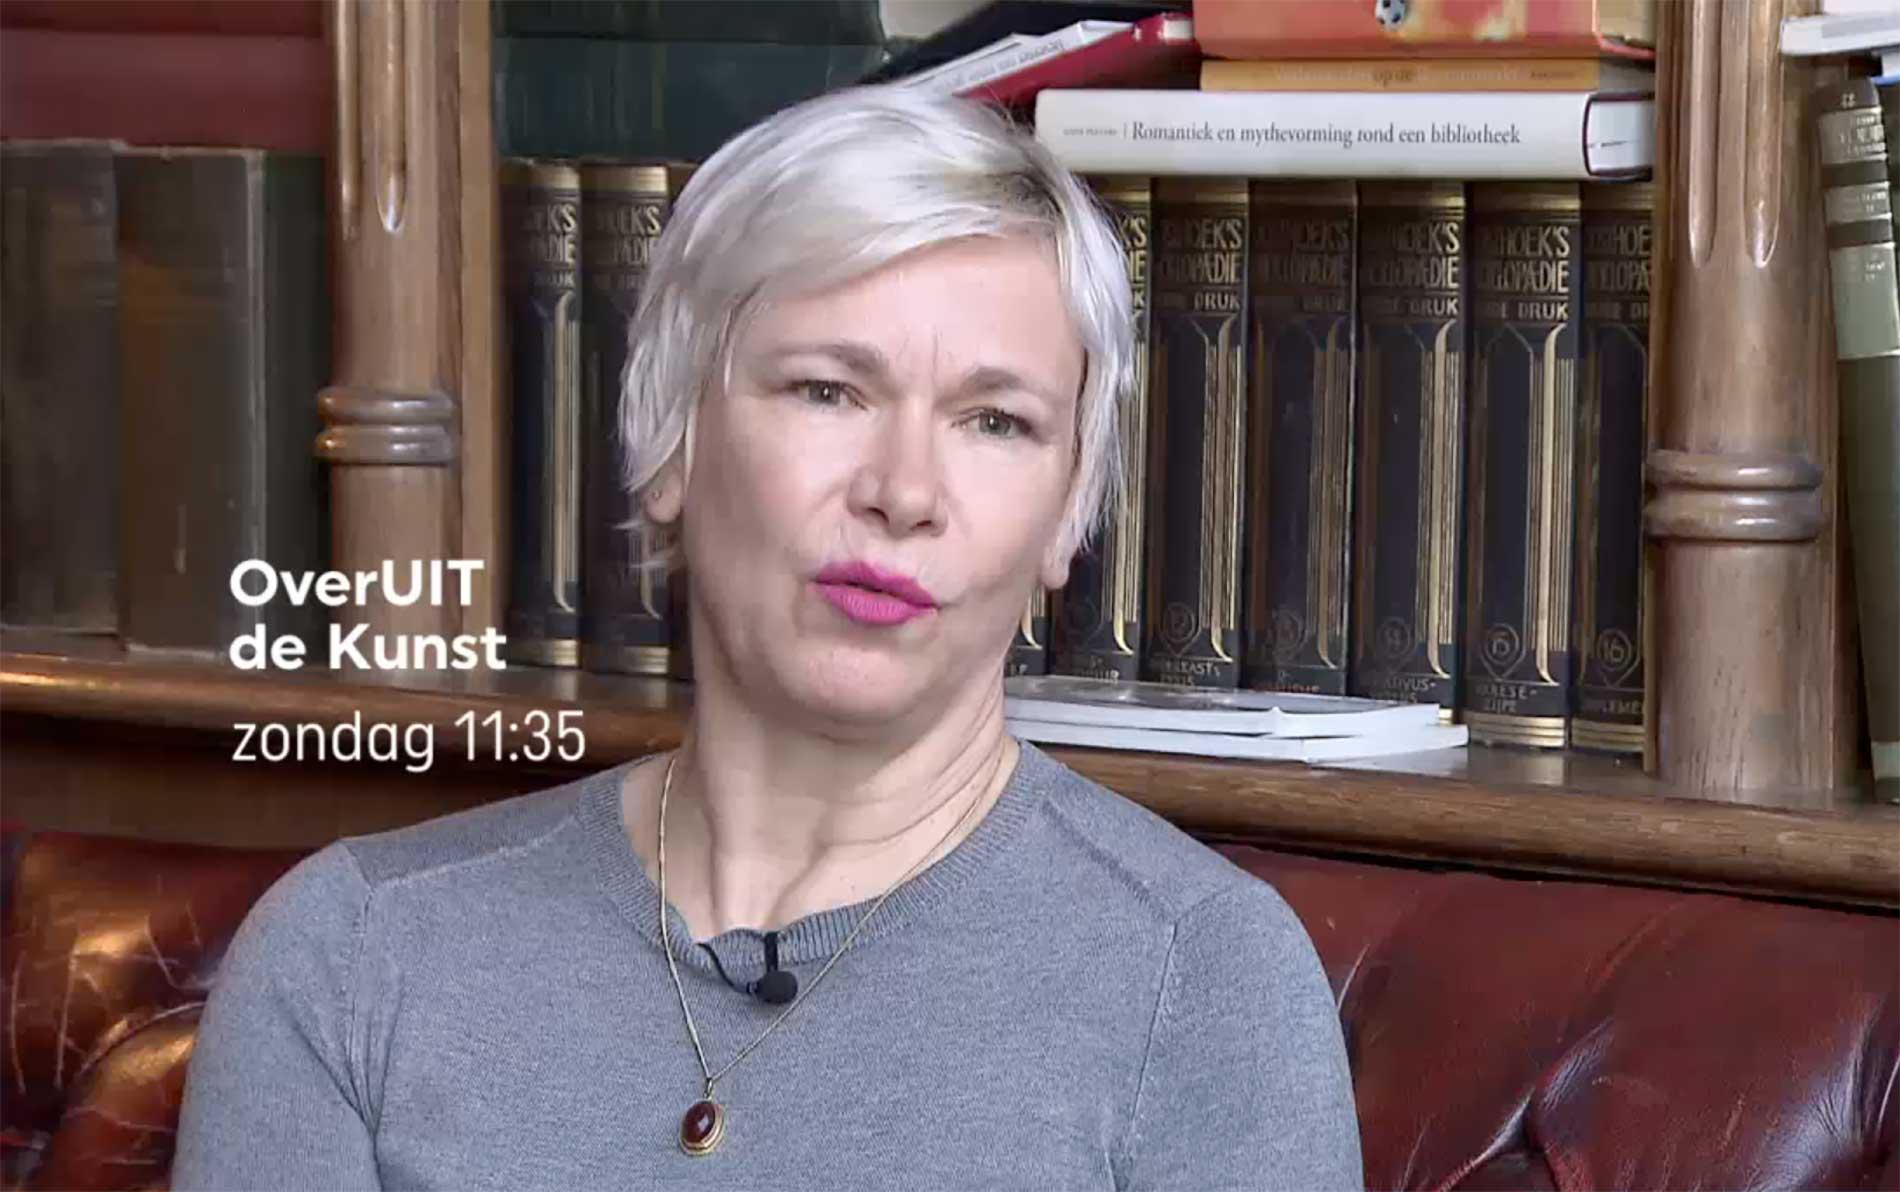 Christine Otten bij RTV Oost over We hadden liefde, we hadden wapens